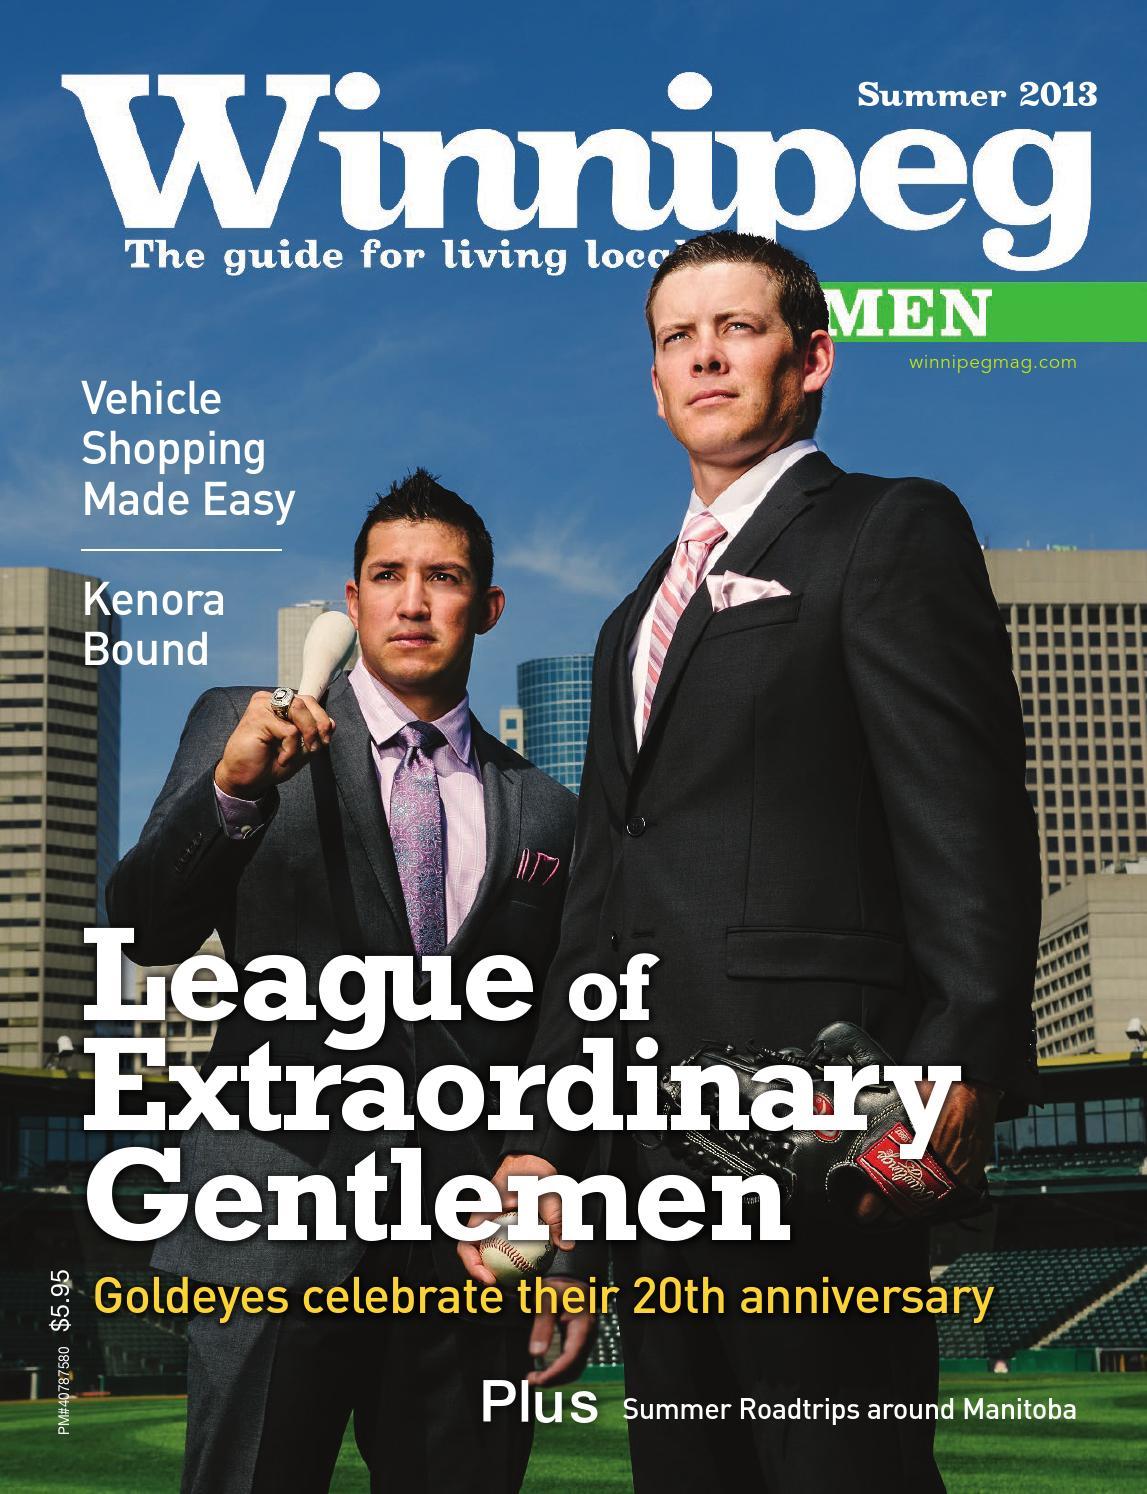 Downtown 43 Seeking Local In 53 Woman To Winnipeg Man